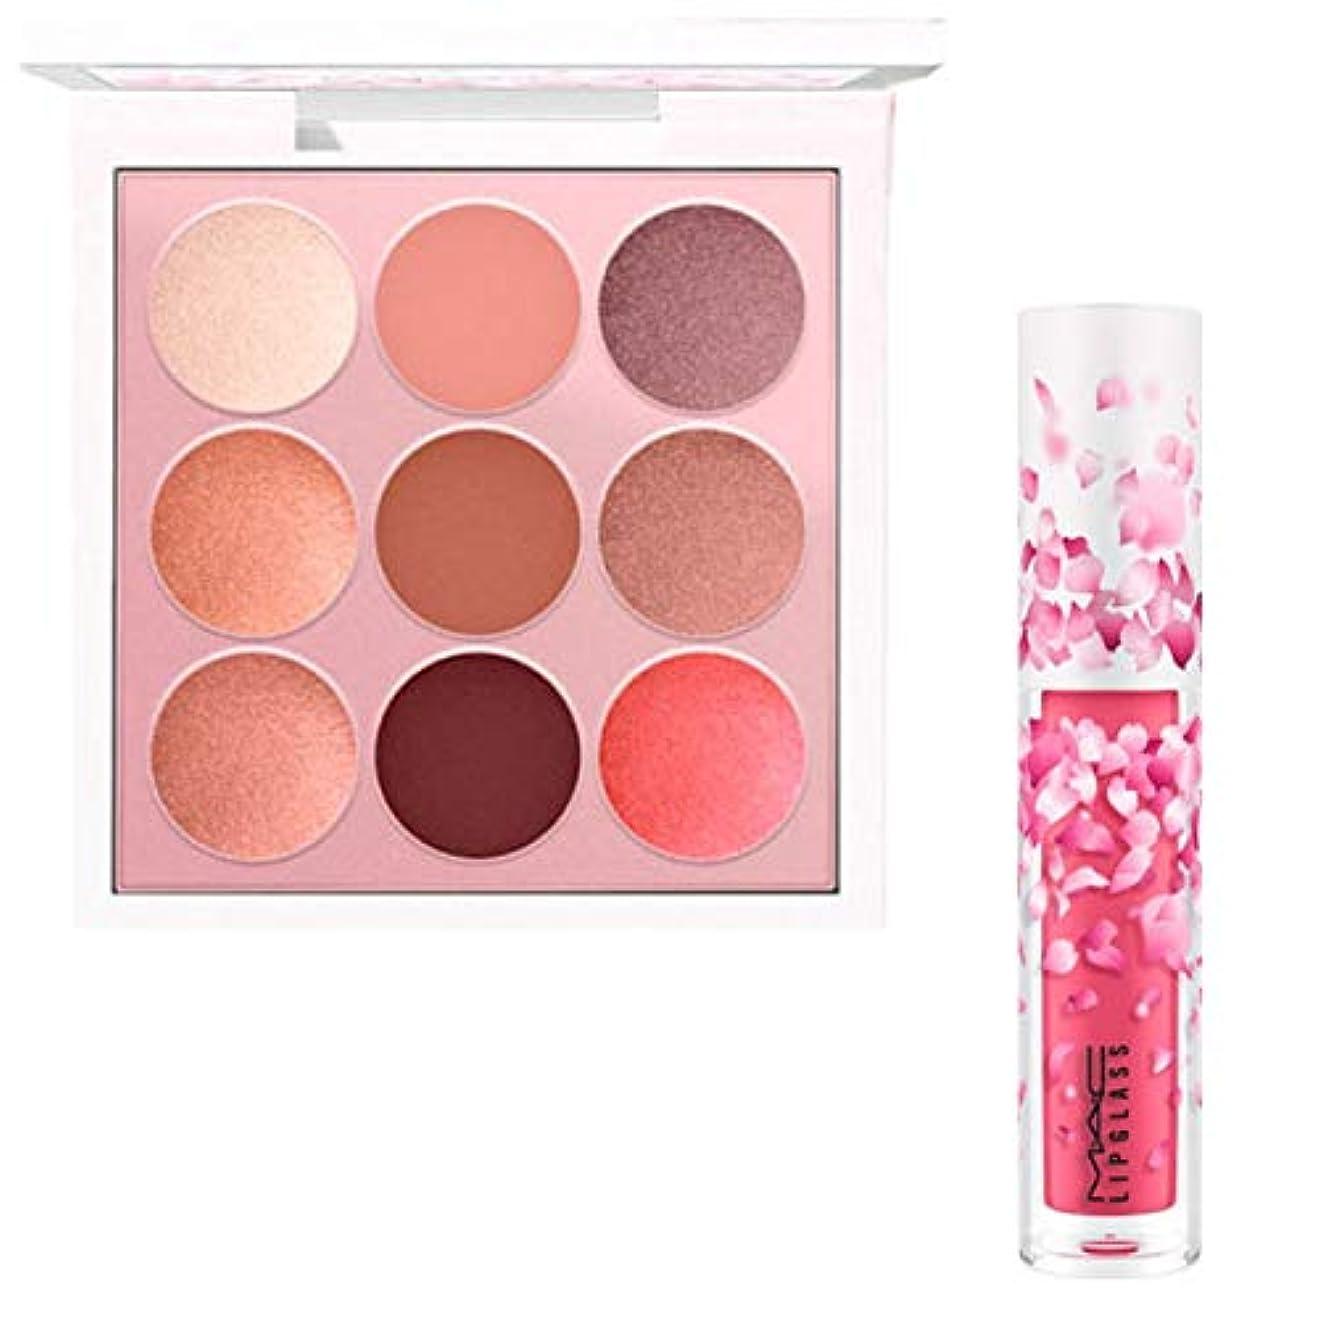 スポーツ加害者筋肉のM.A.C 限定版, Boom, Boom, Bloom EyeShadow & Lipglass (Kabuki Doll Palette & Cherry Mochi) [海外直送品] [並行輸入品]